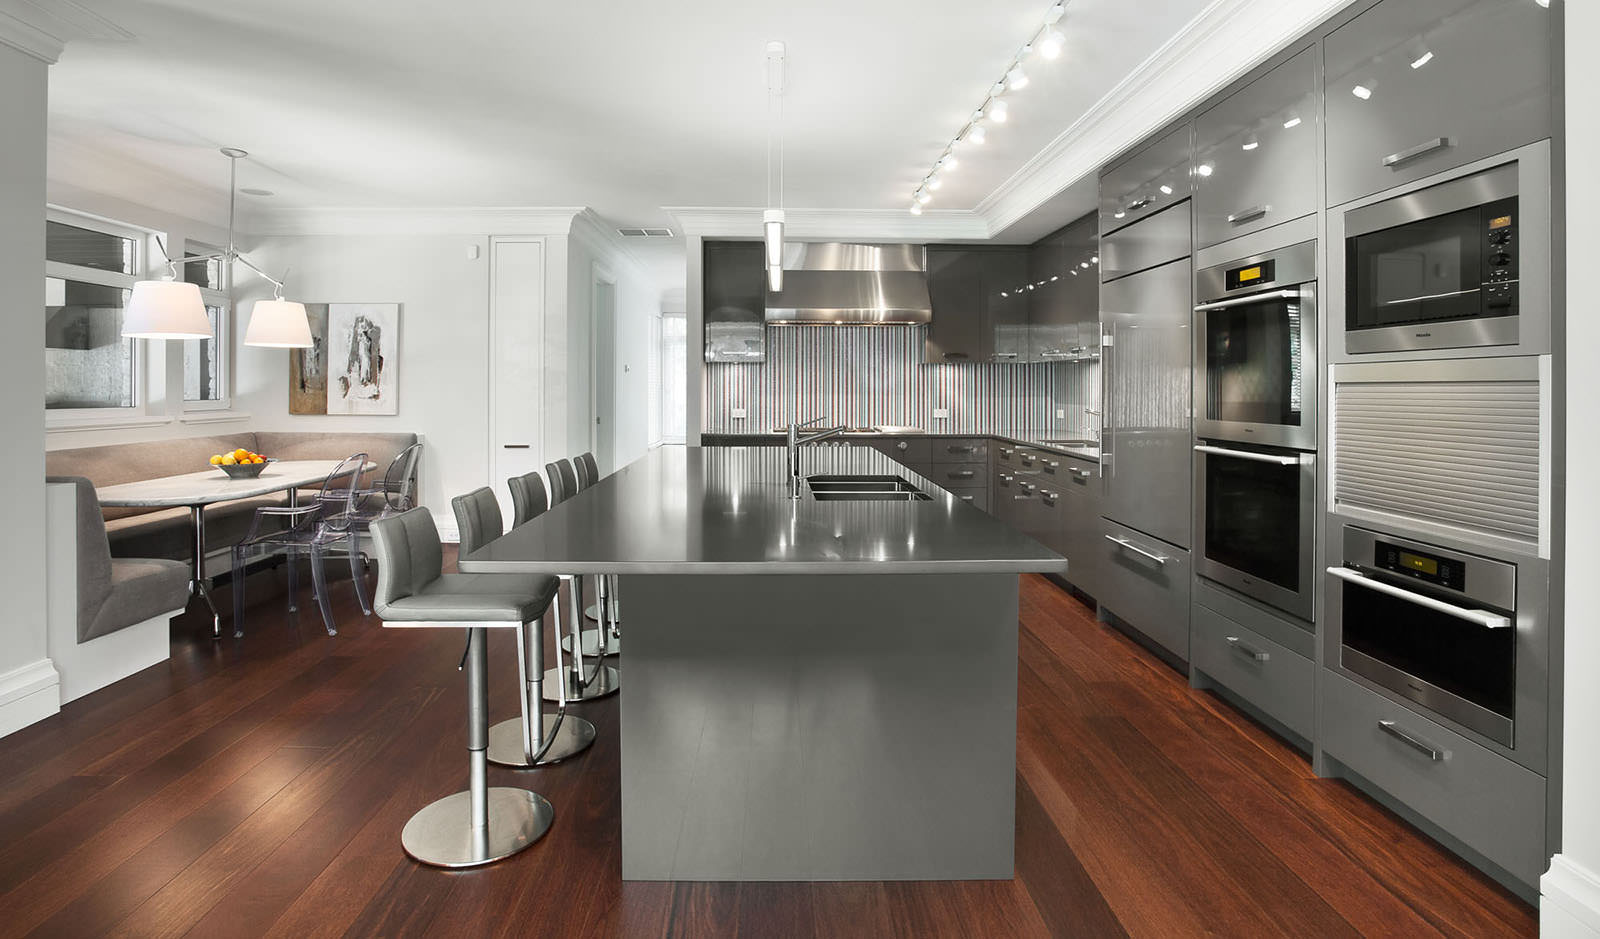 кухня в стиле кафе интерьер